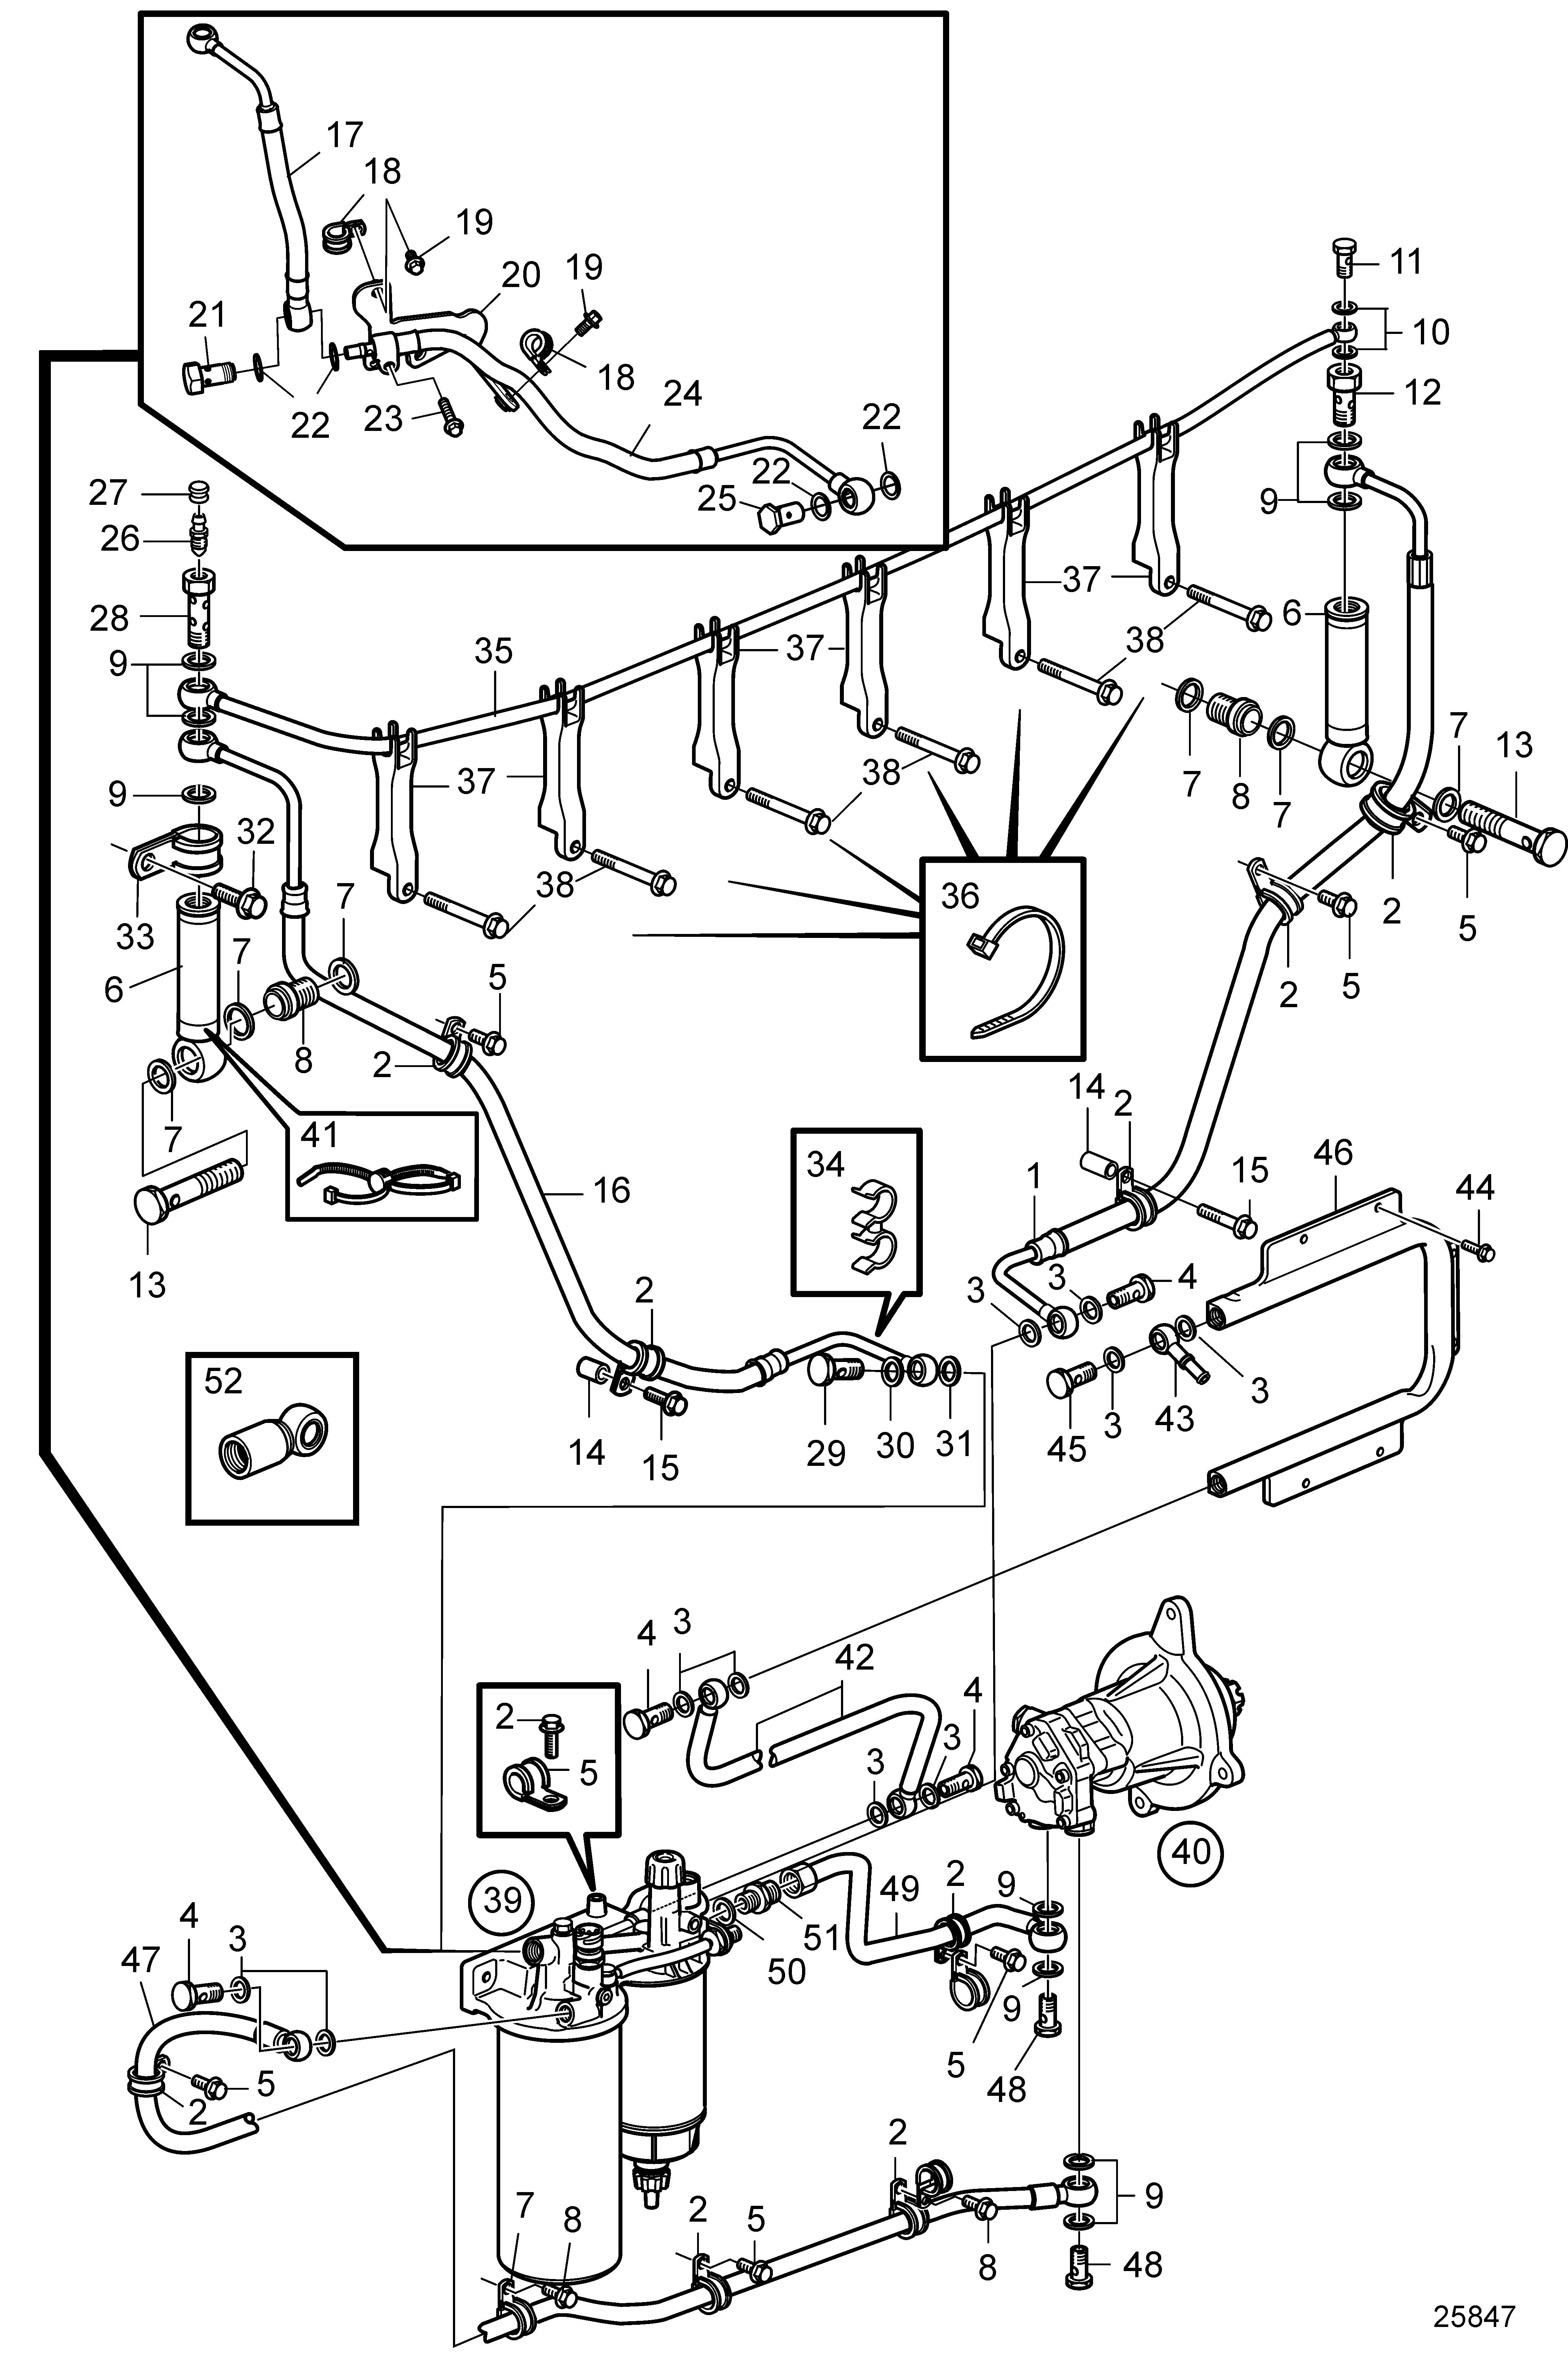 Volvo Fuel Pump Diagram - Wiring Diagram Direct jest-ambition -  jest-ambition.siciliabeb.it   Volvo Fuel Pump Diagram      jest-ambition.siciliabeb.it